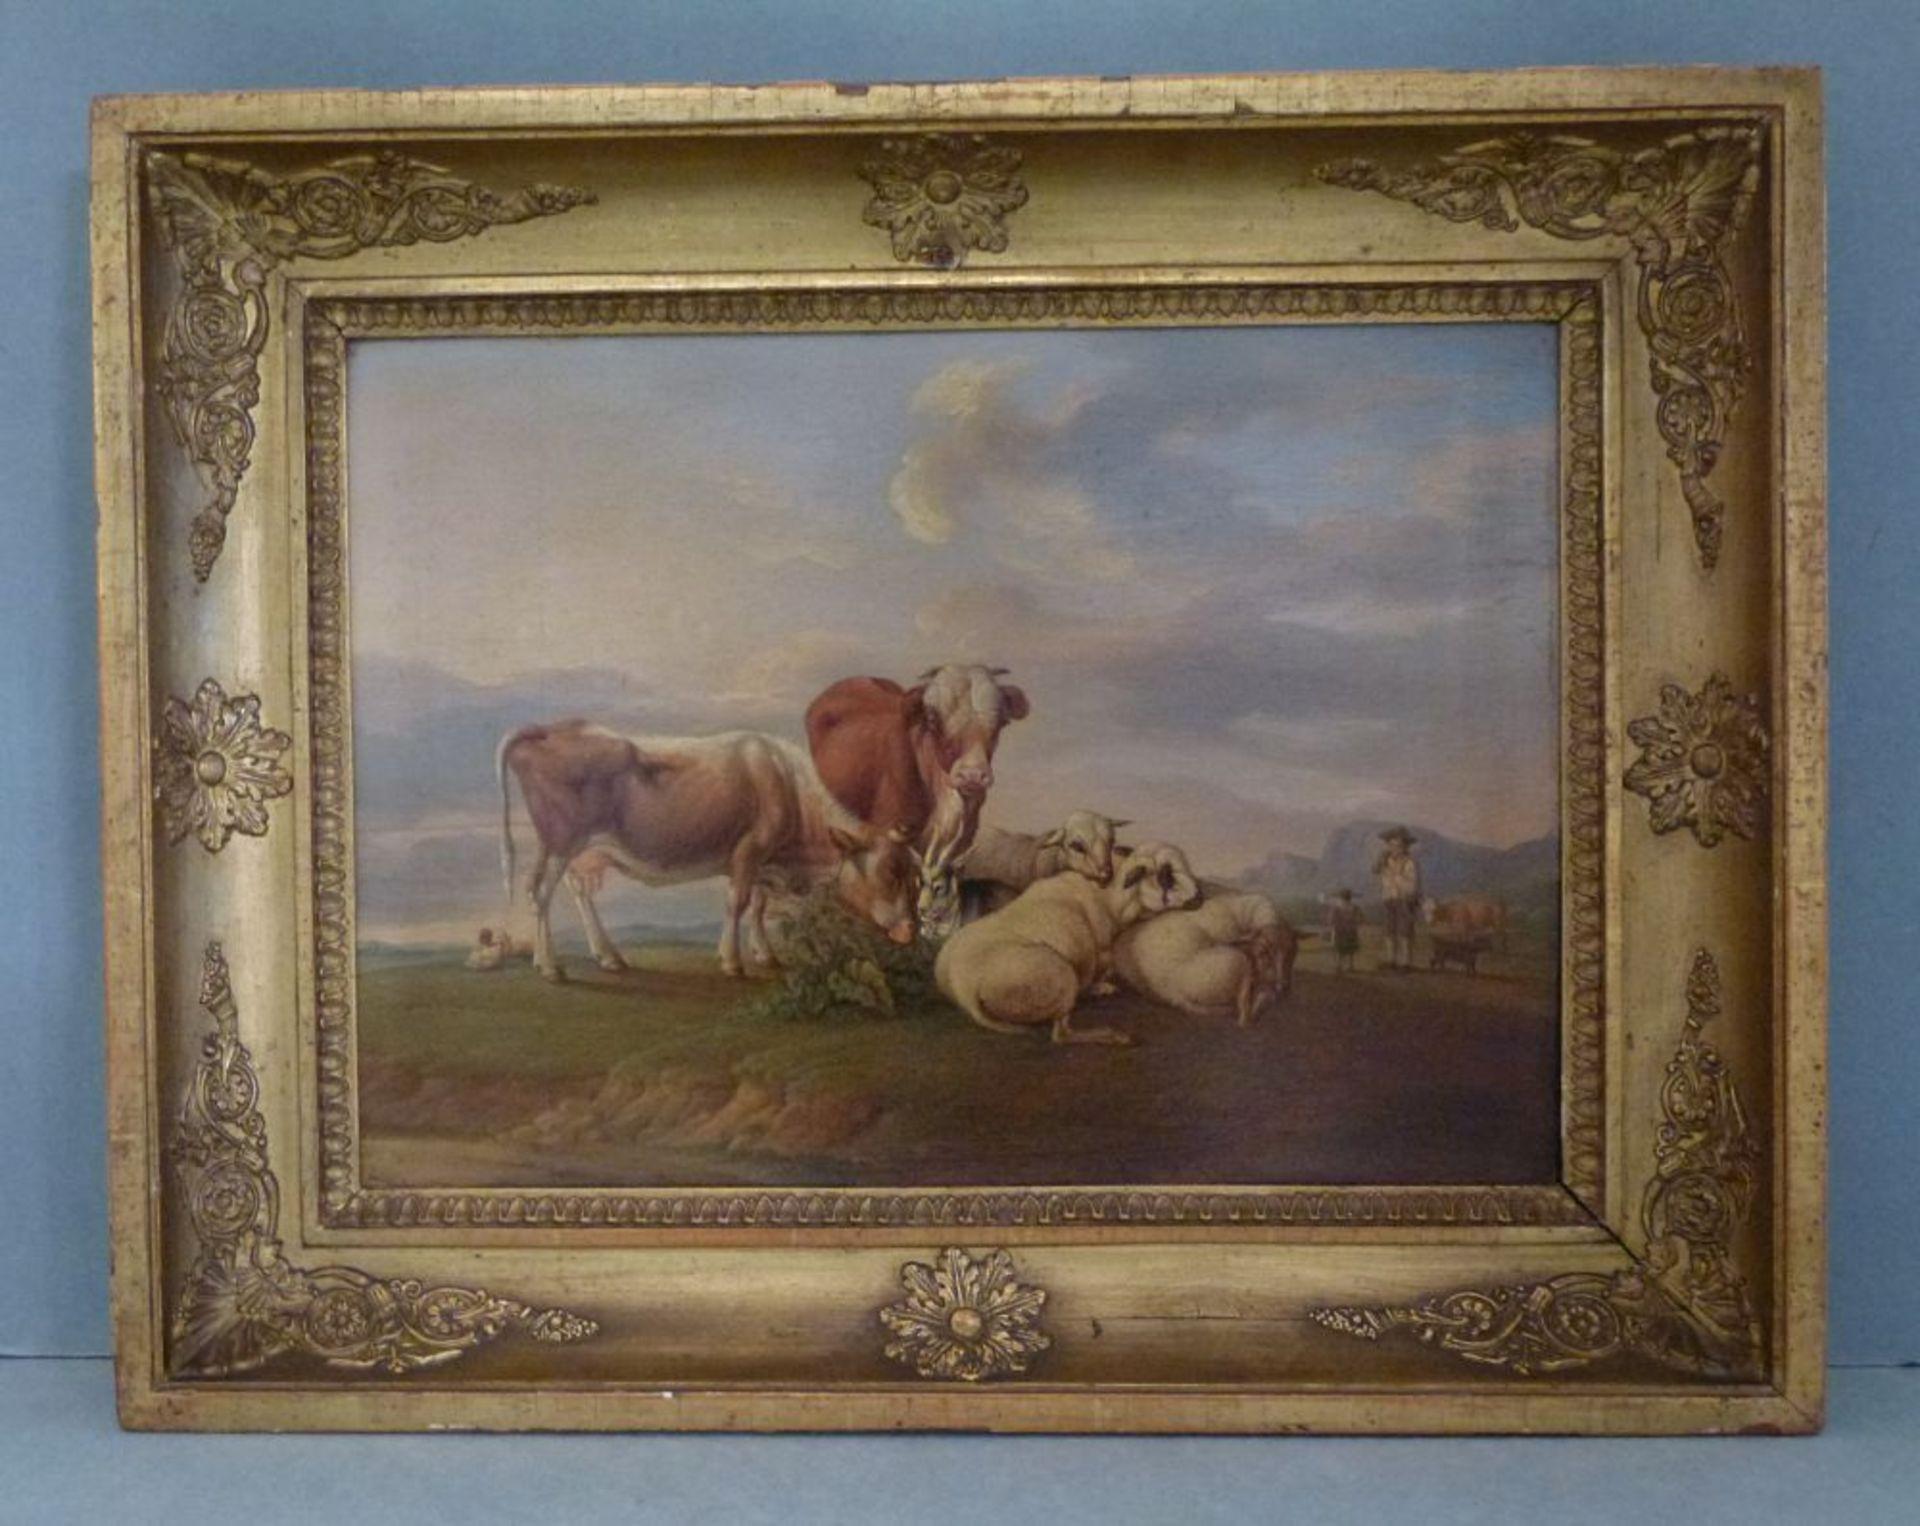 Auf der WeideGustav Jakob Canton, 1813-1885Öl/Eichenplatte, sign. G.Canton pinxit 1833, Kühe, Schafe - Bild 6 aus 7